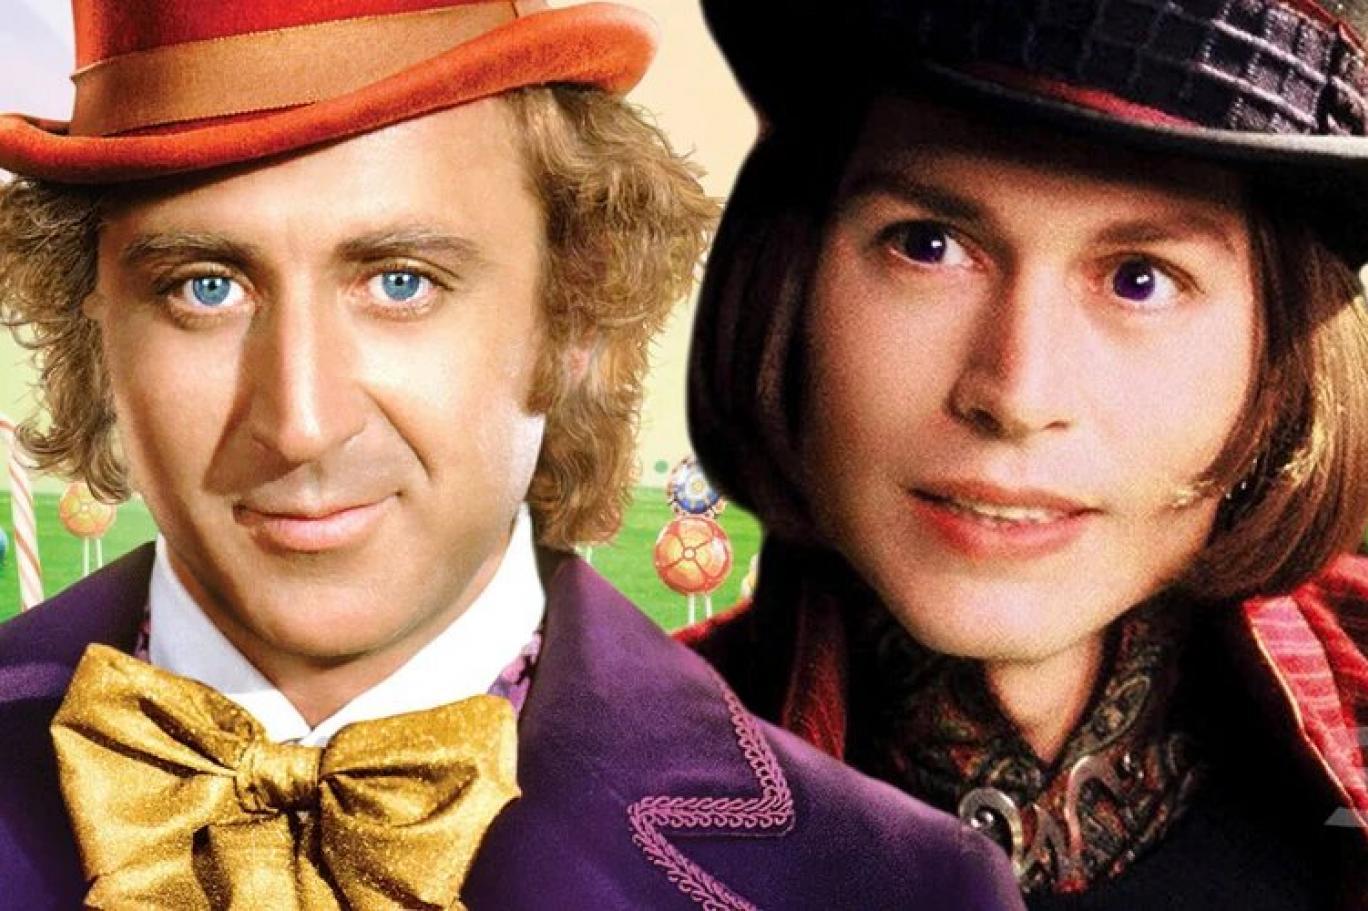 Charlie'nin Çikolata Fabrikası 15. yılında: Tim Burton imzalı yapım, orijinal filmden ne kadar farklı? | Independent Türkçe